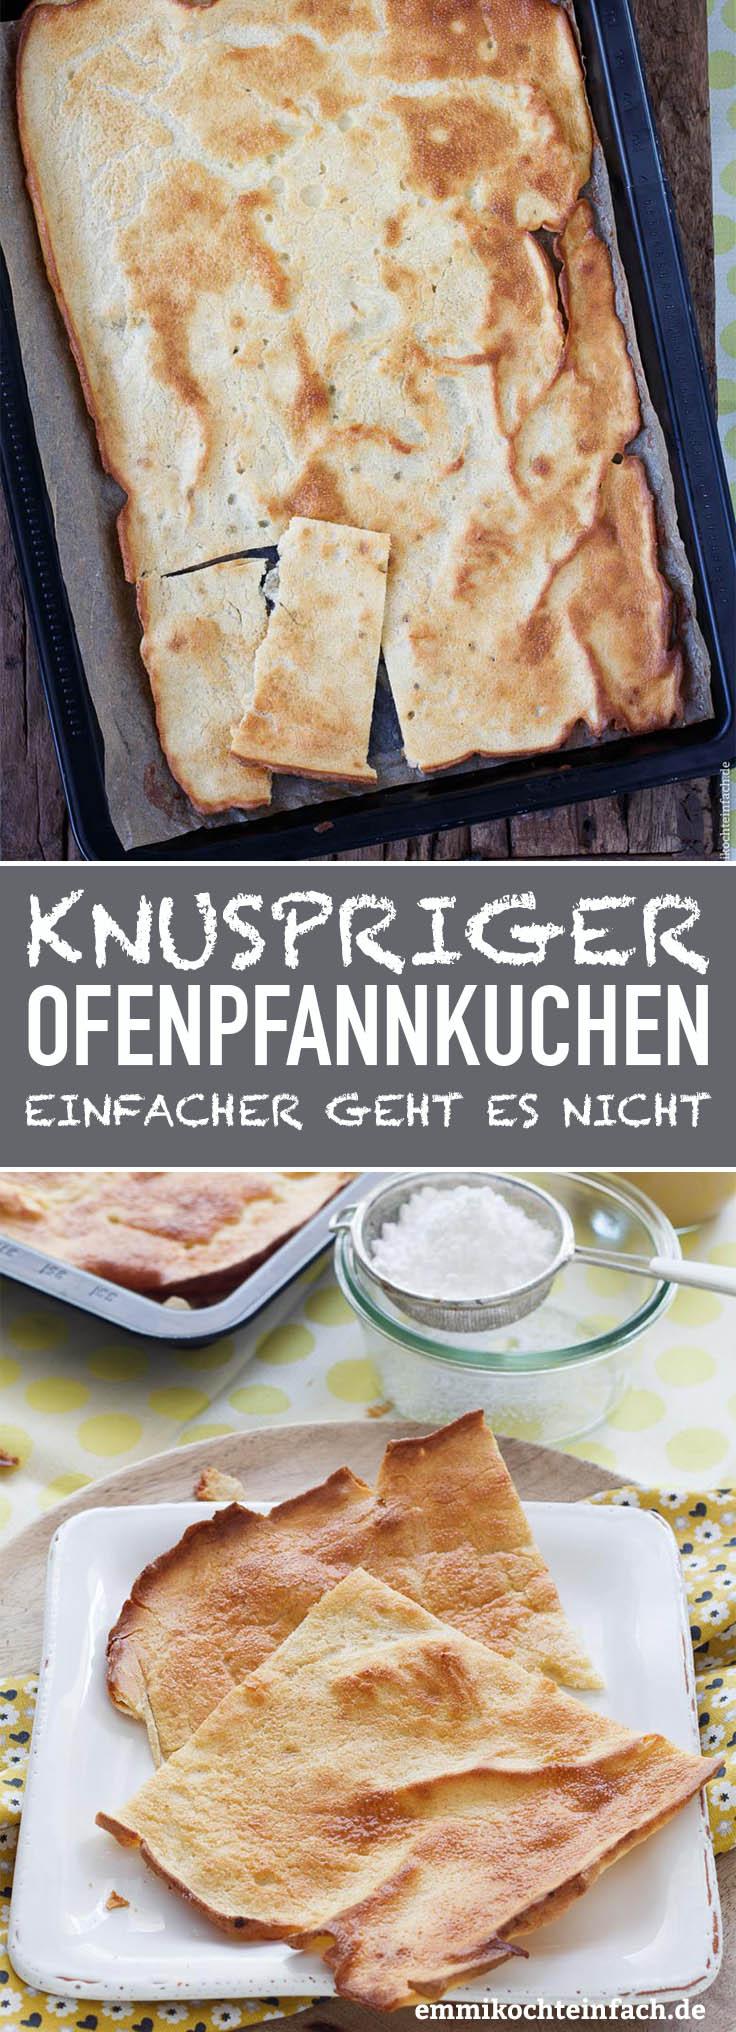 Knuspriger Ofenpfannkuchen - www.emmikochteinfach.de